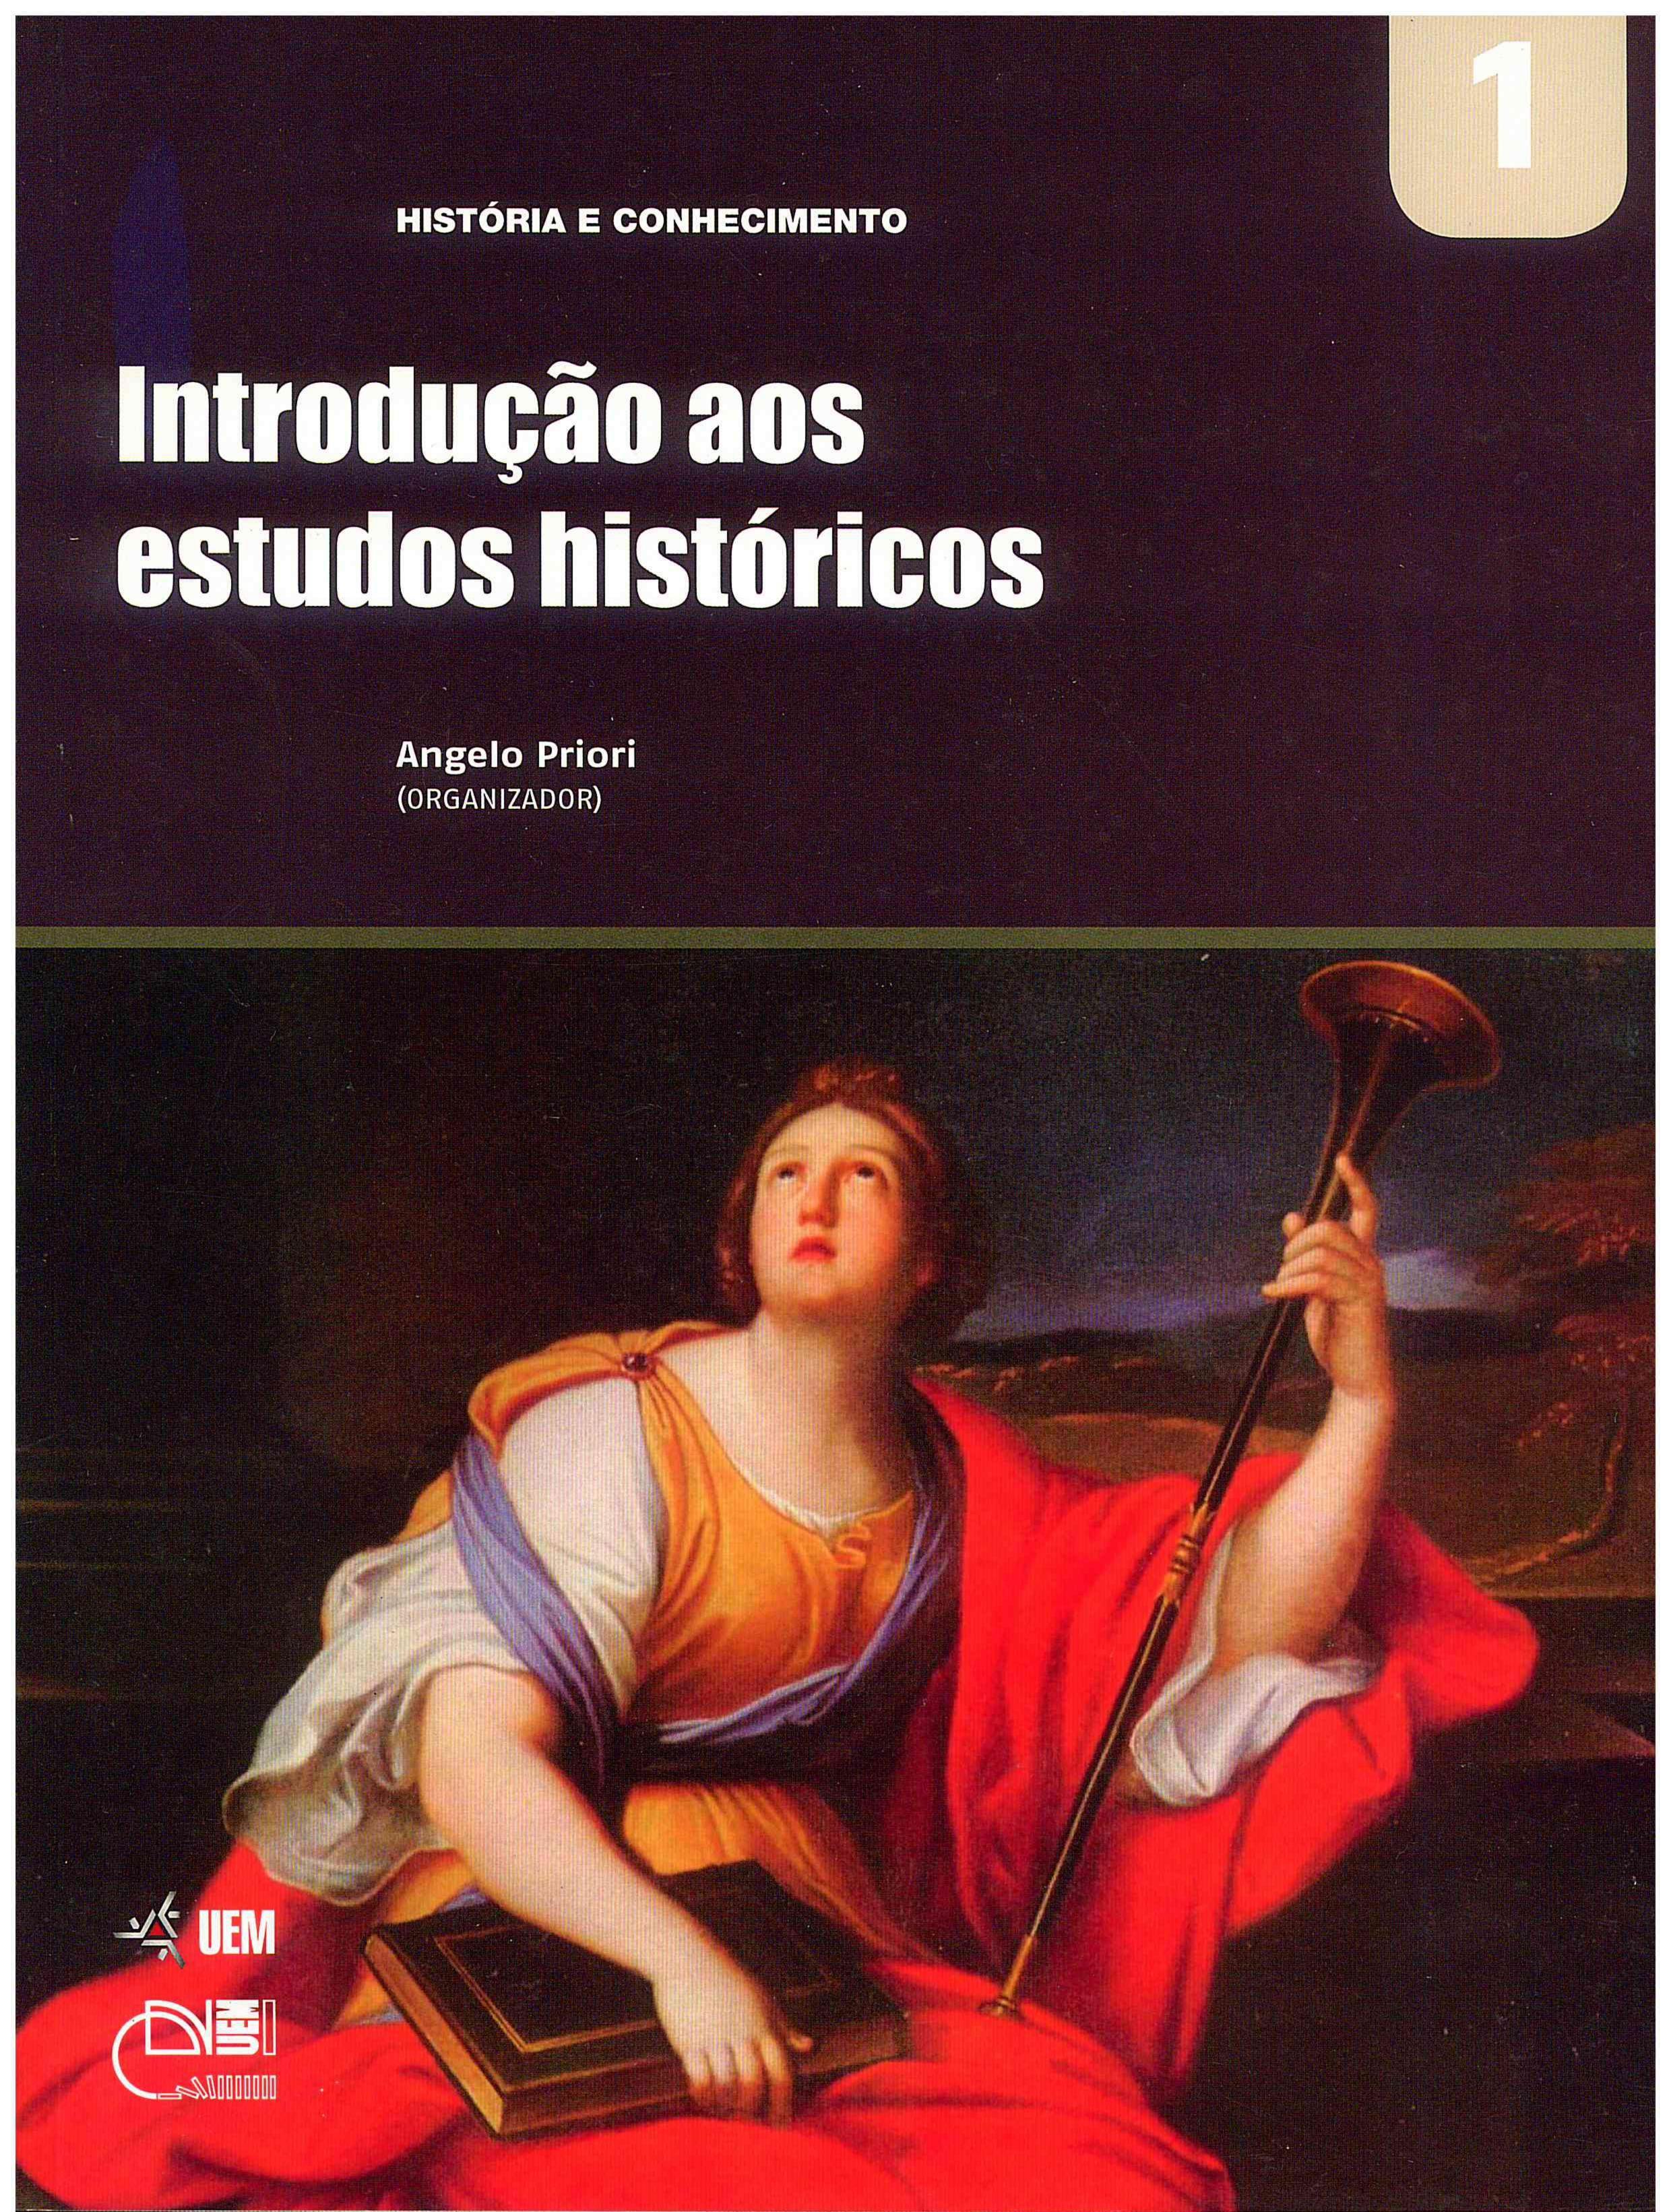 PRIORI, A. (Org.). Introdução aos estudos históricos